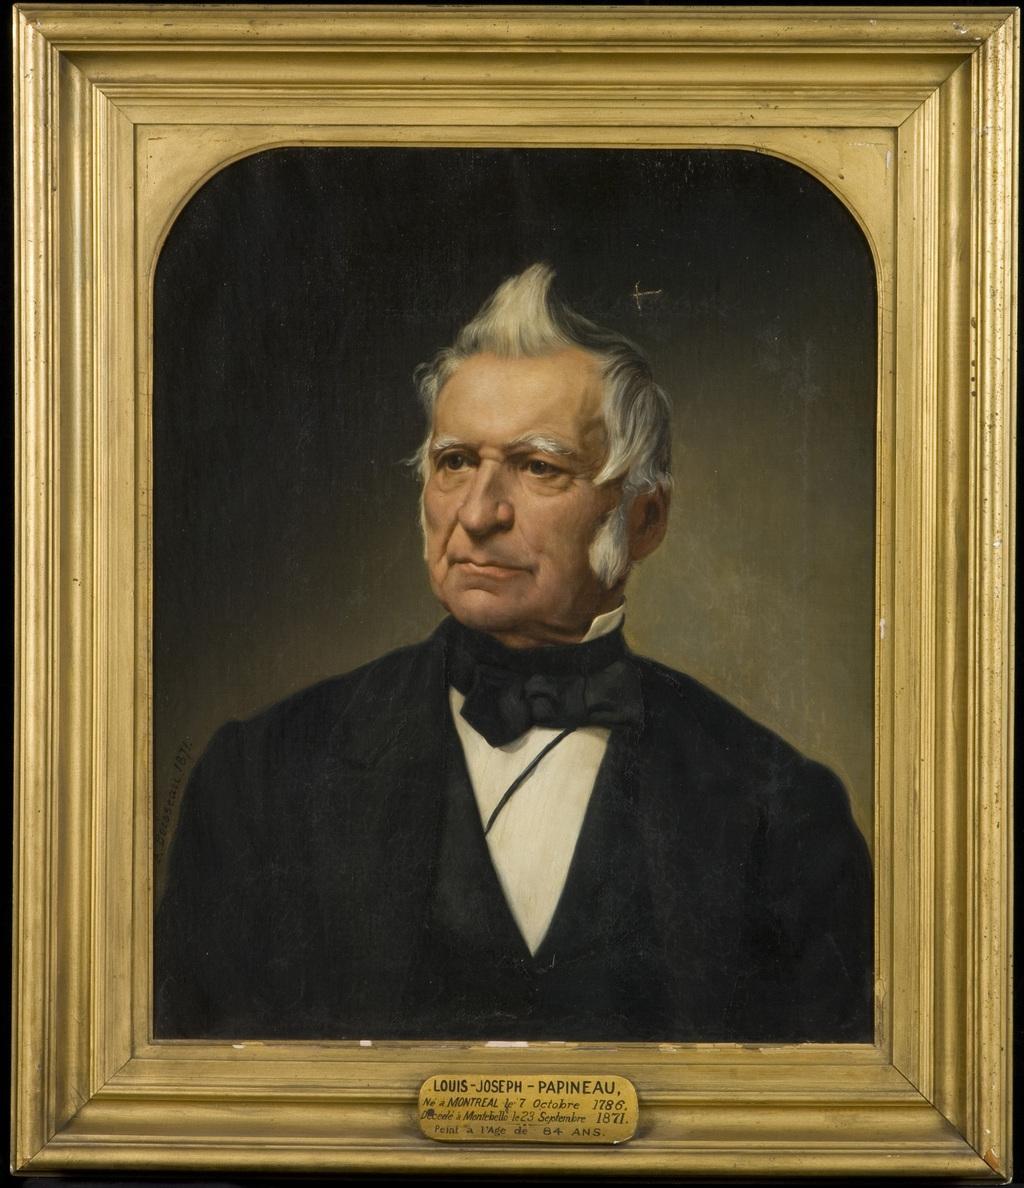 Louis-Joseph Papineau. D'après une photographie